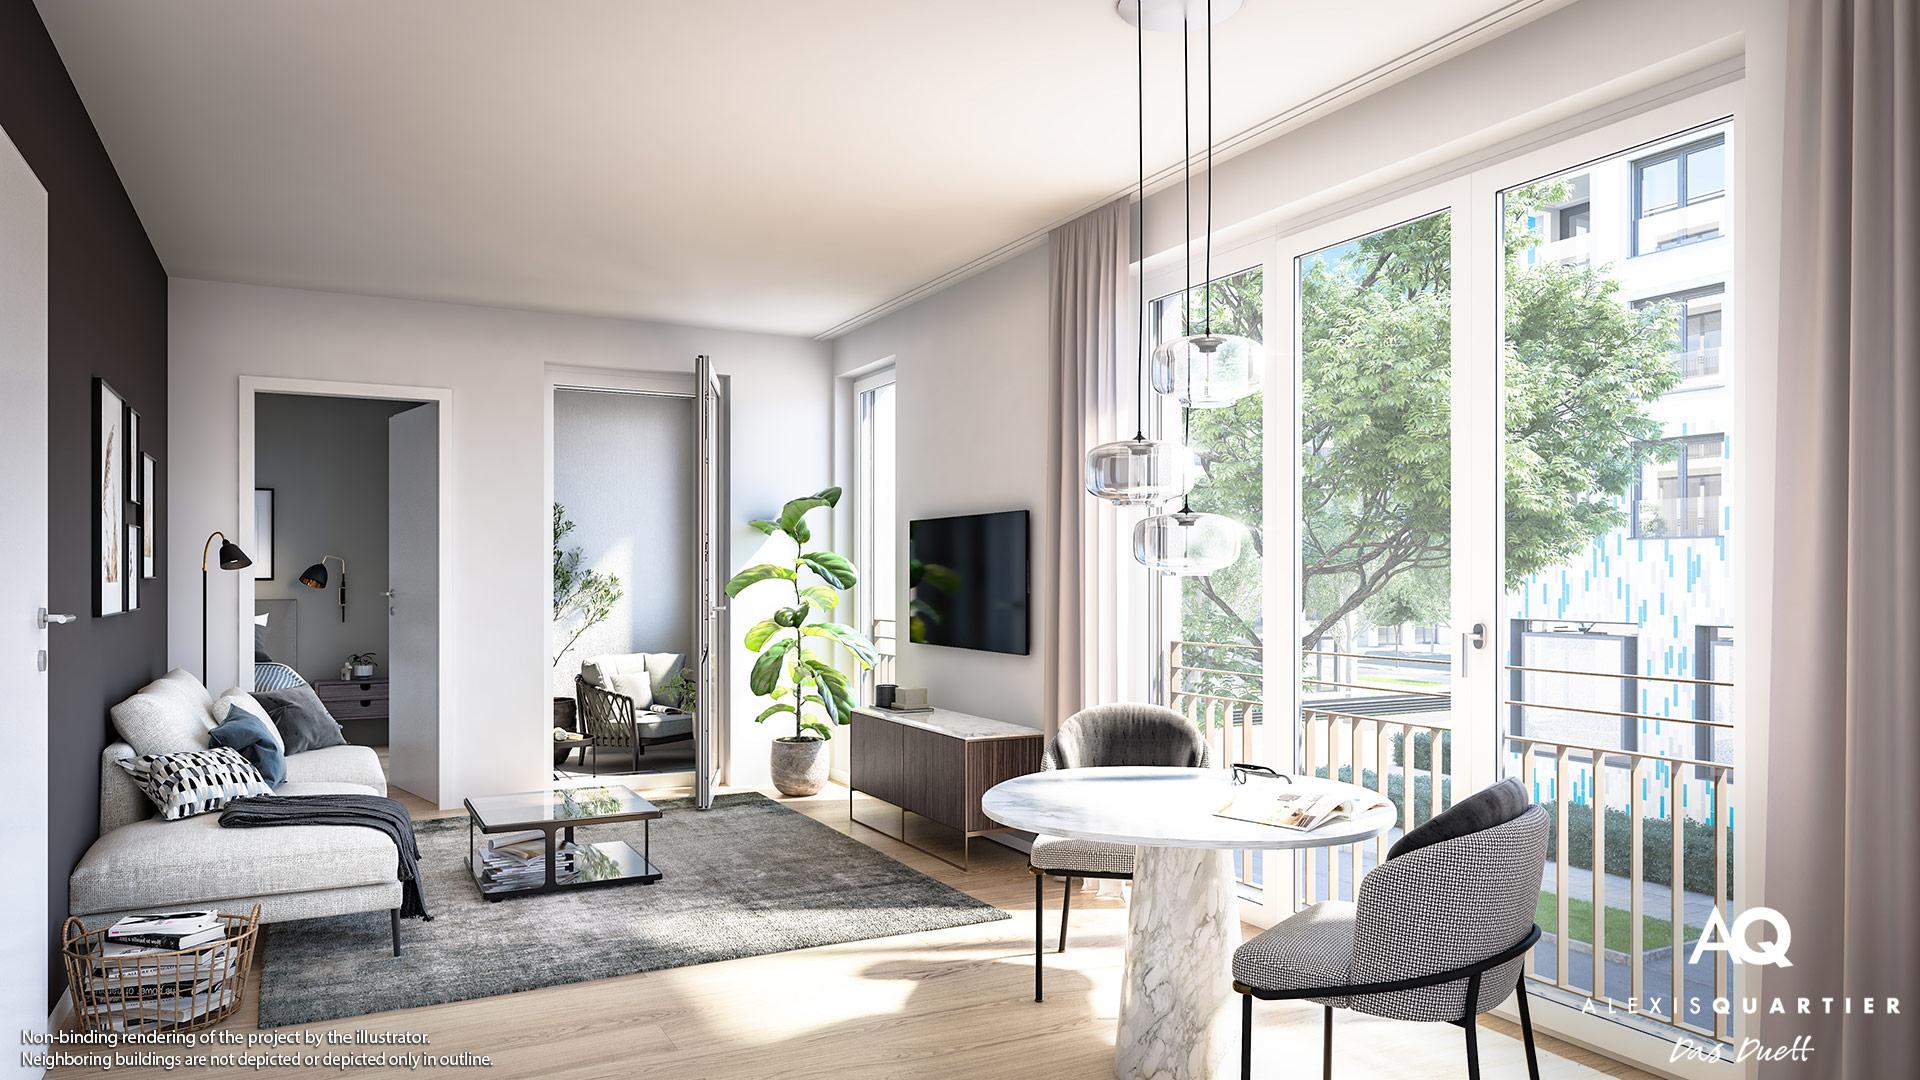 Condominiums Alexisquartier - Das Duett - Illustration 11